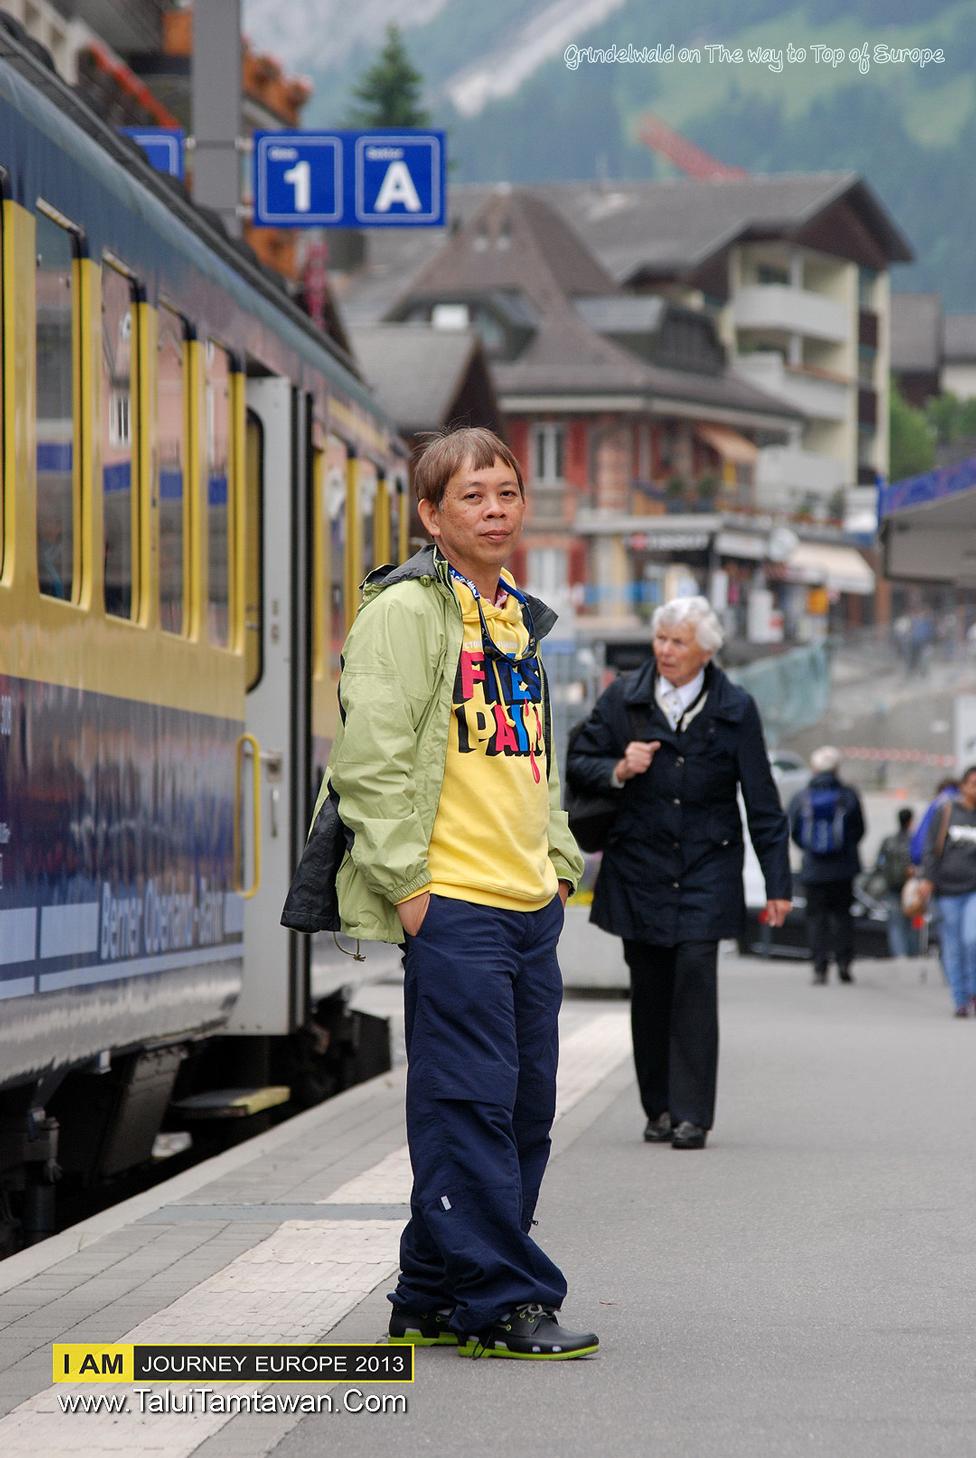 รอจนสายมากแล้ว นั่งรถไฟจาก Interaken ไป Station : Grindelwald is a village and municipality in the Interlaken-Oberhasli administrative district in the canton of Bern in Switzerland.